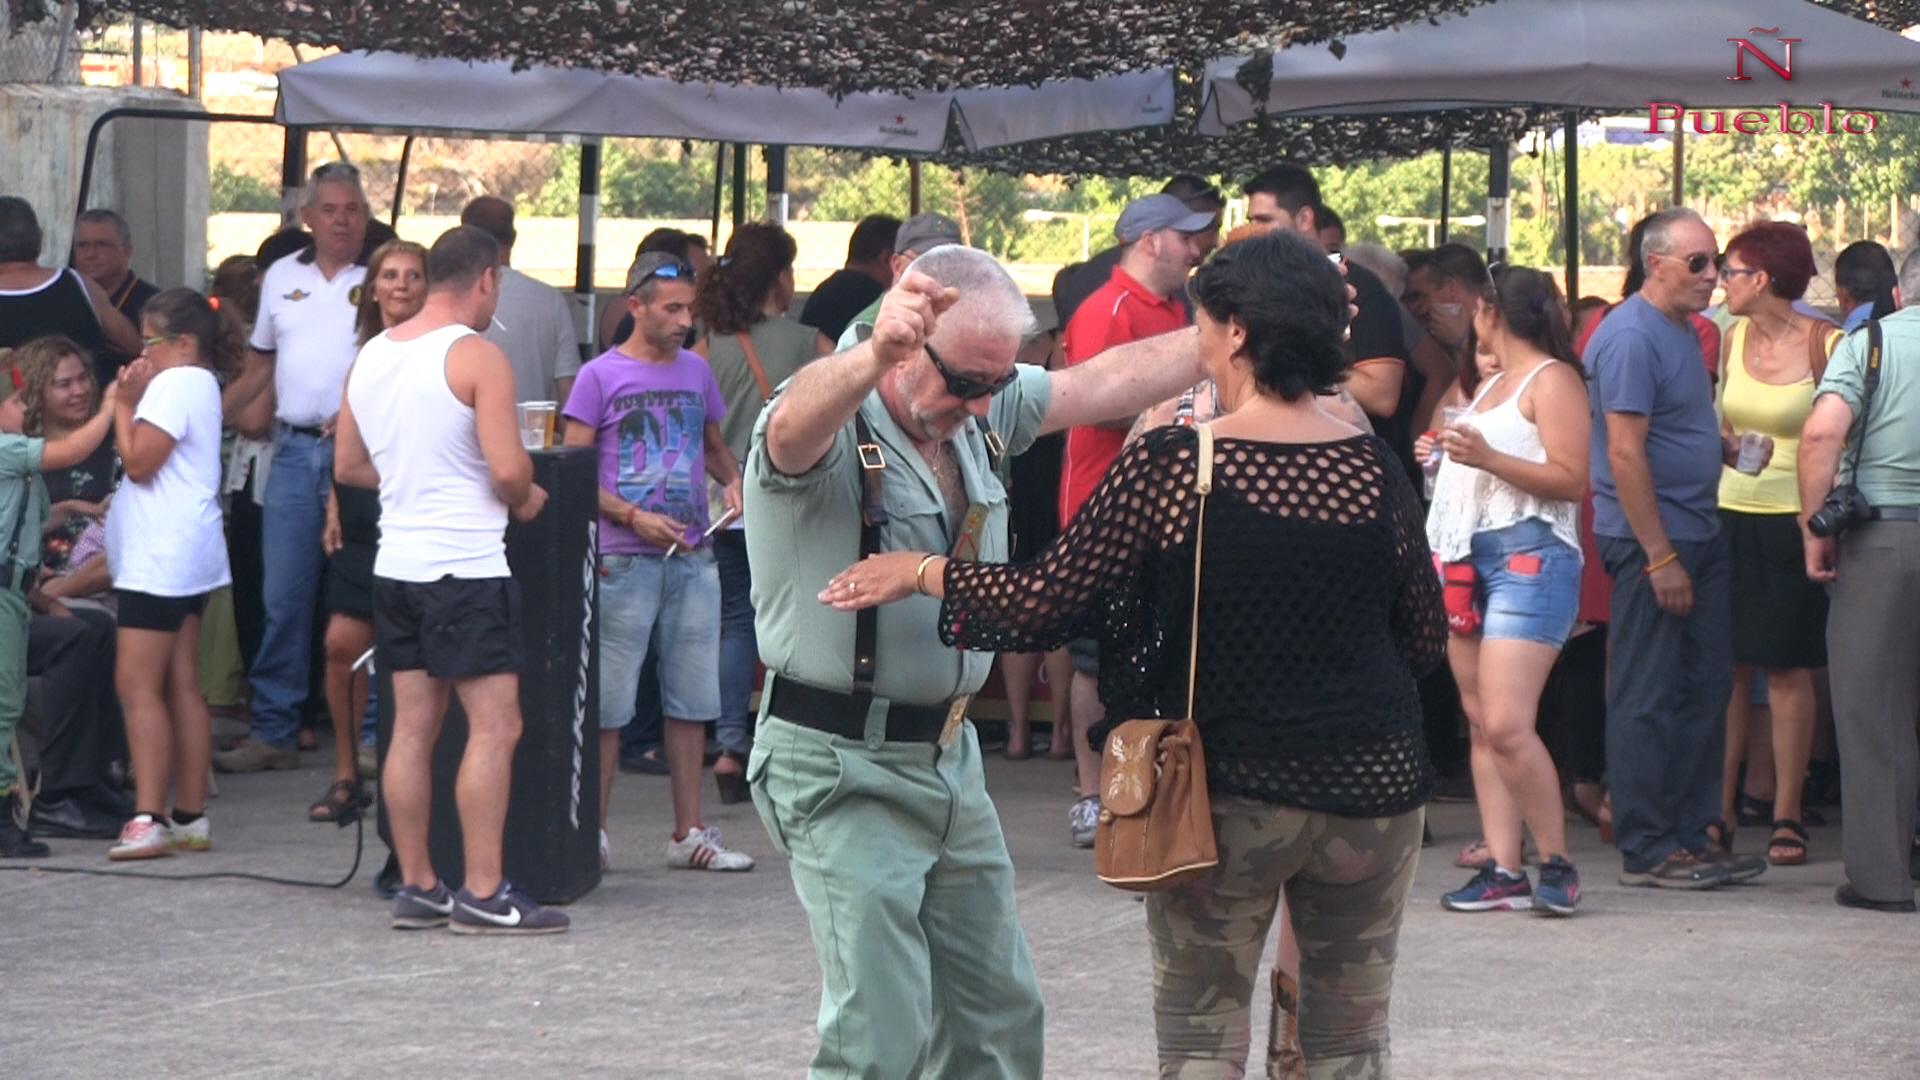 Un legionario español (c) bailando junto a un grupo de mujeres catalanas y representantes de los colectivos Asociación Sanfilippo de Barcelona y Fundación Síndrome 5P-. Lasvocesdelpueblo.